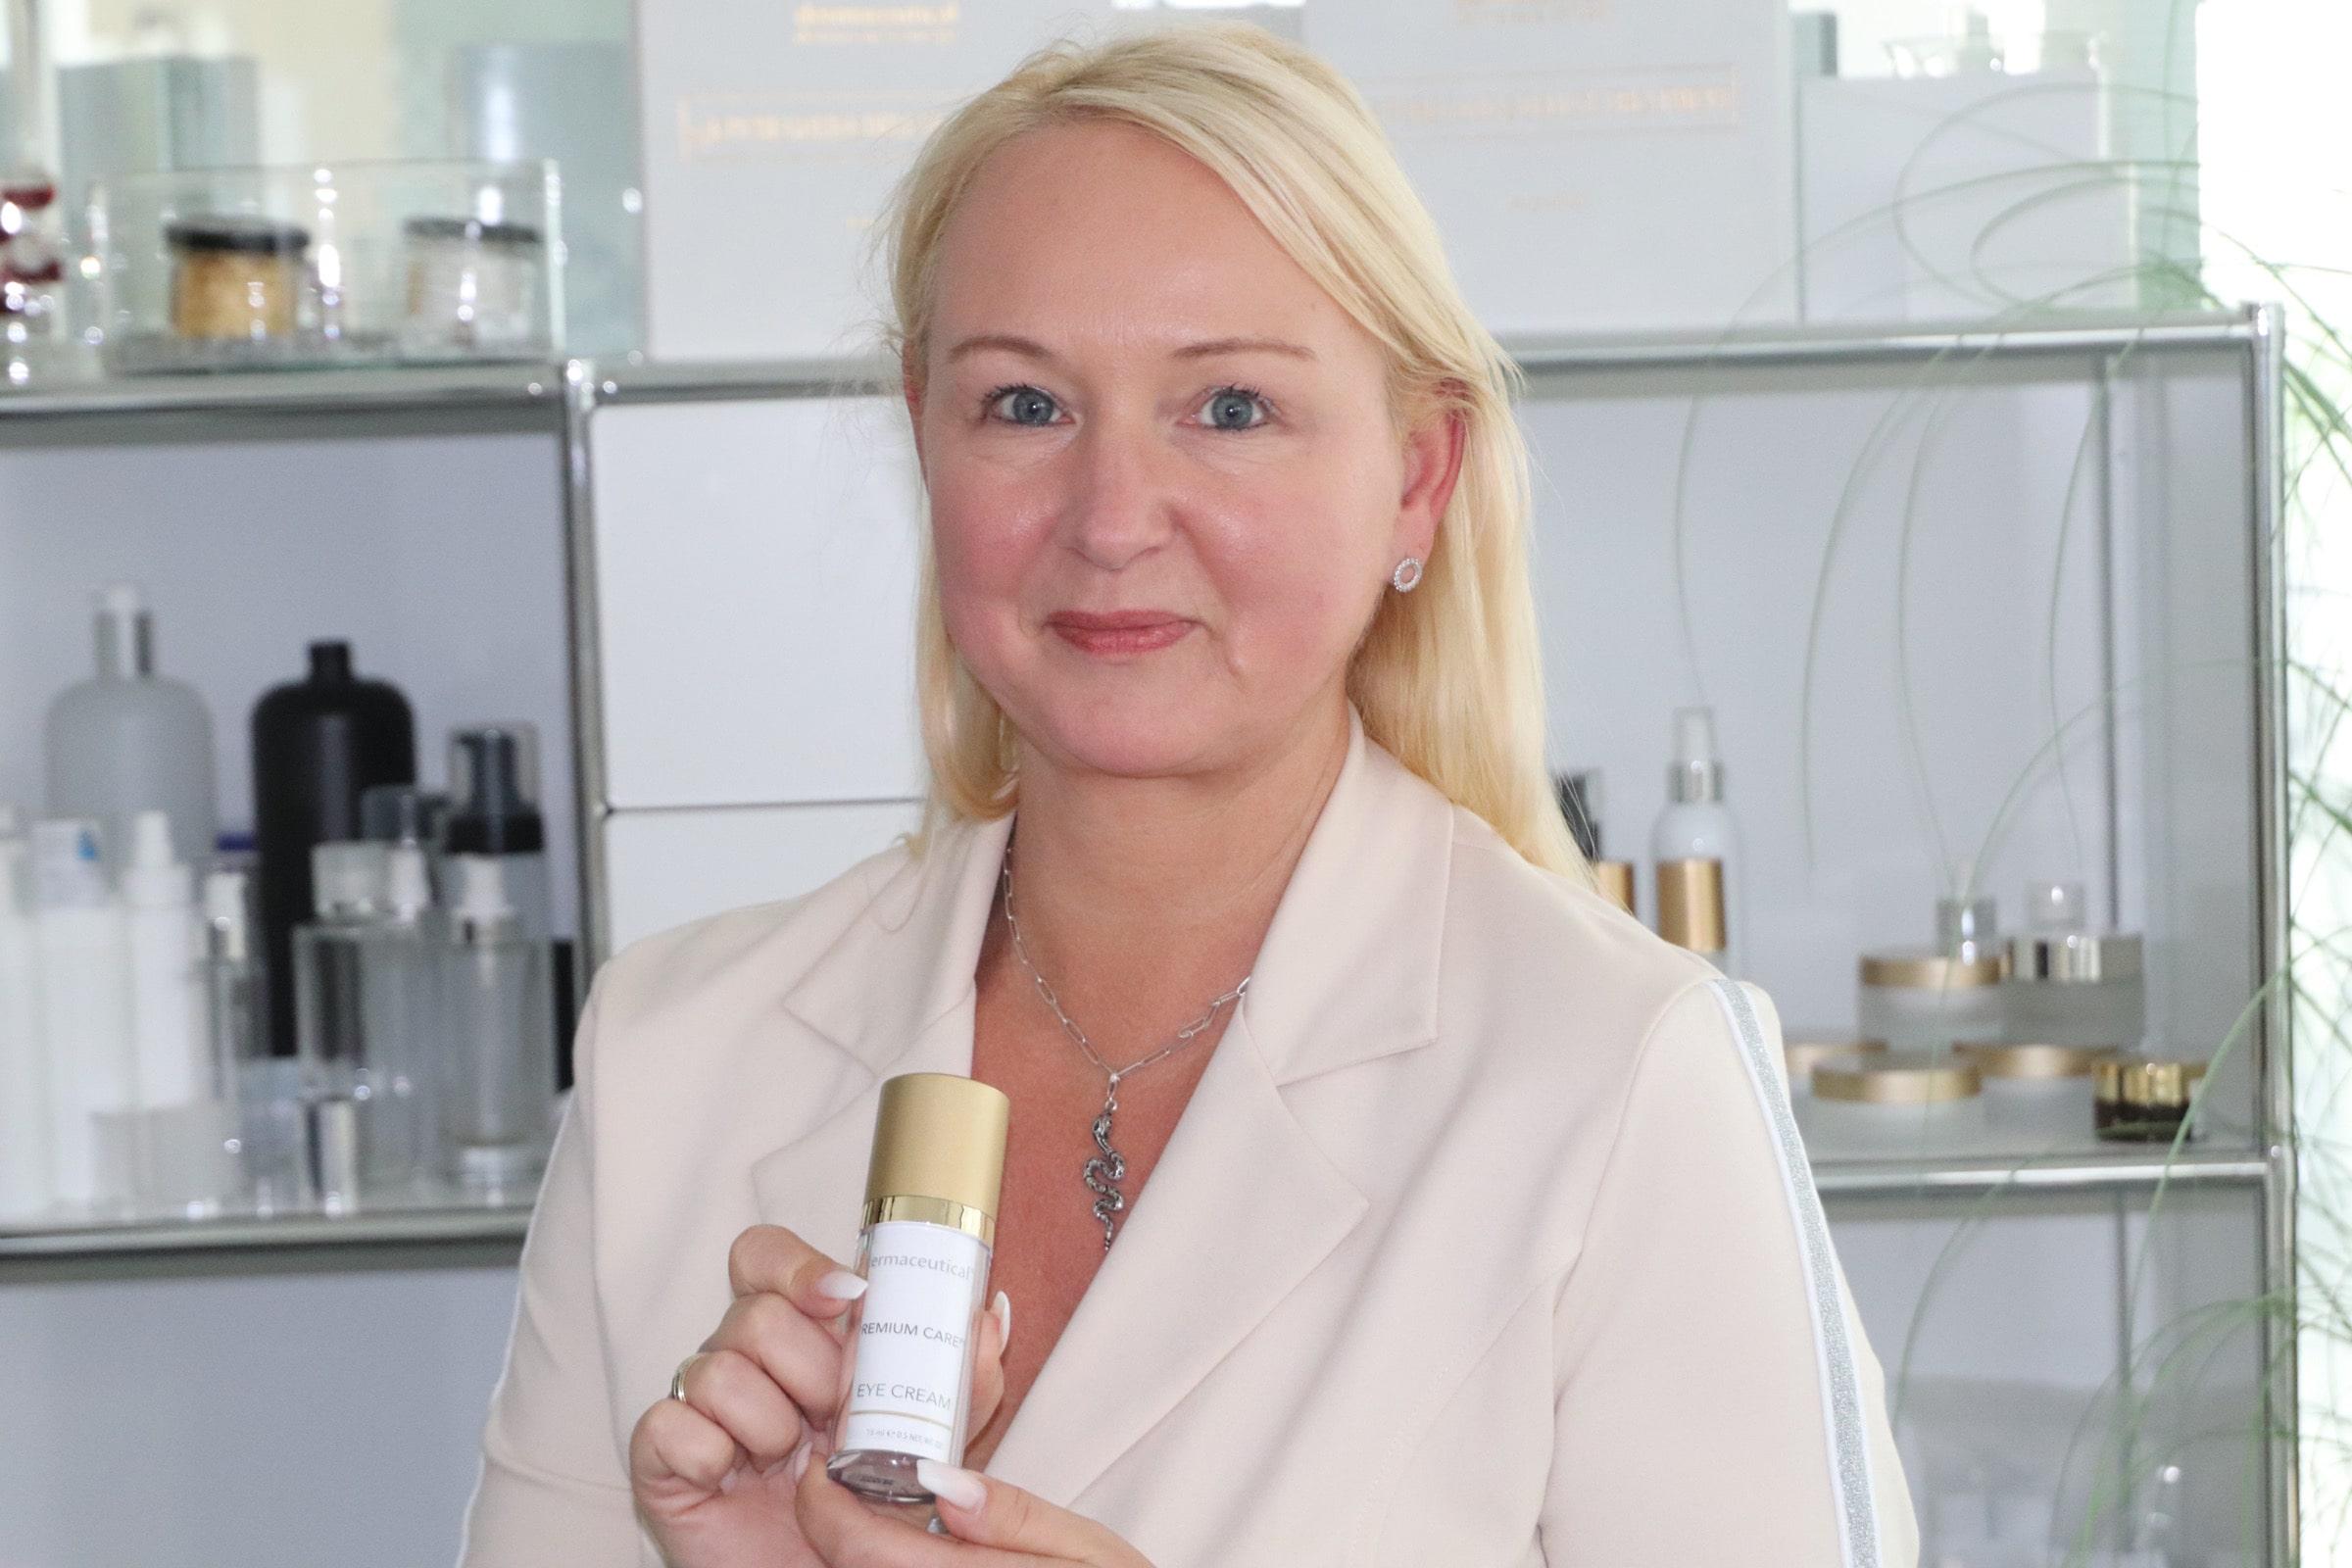 Augenpflege für jedes Alter und jeden Hauttyp, dermaceutical